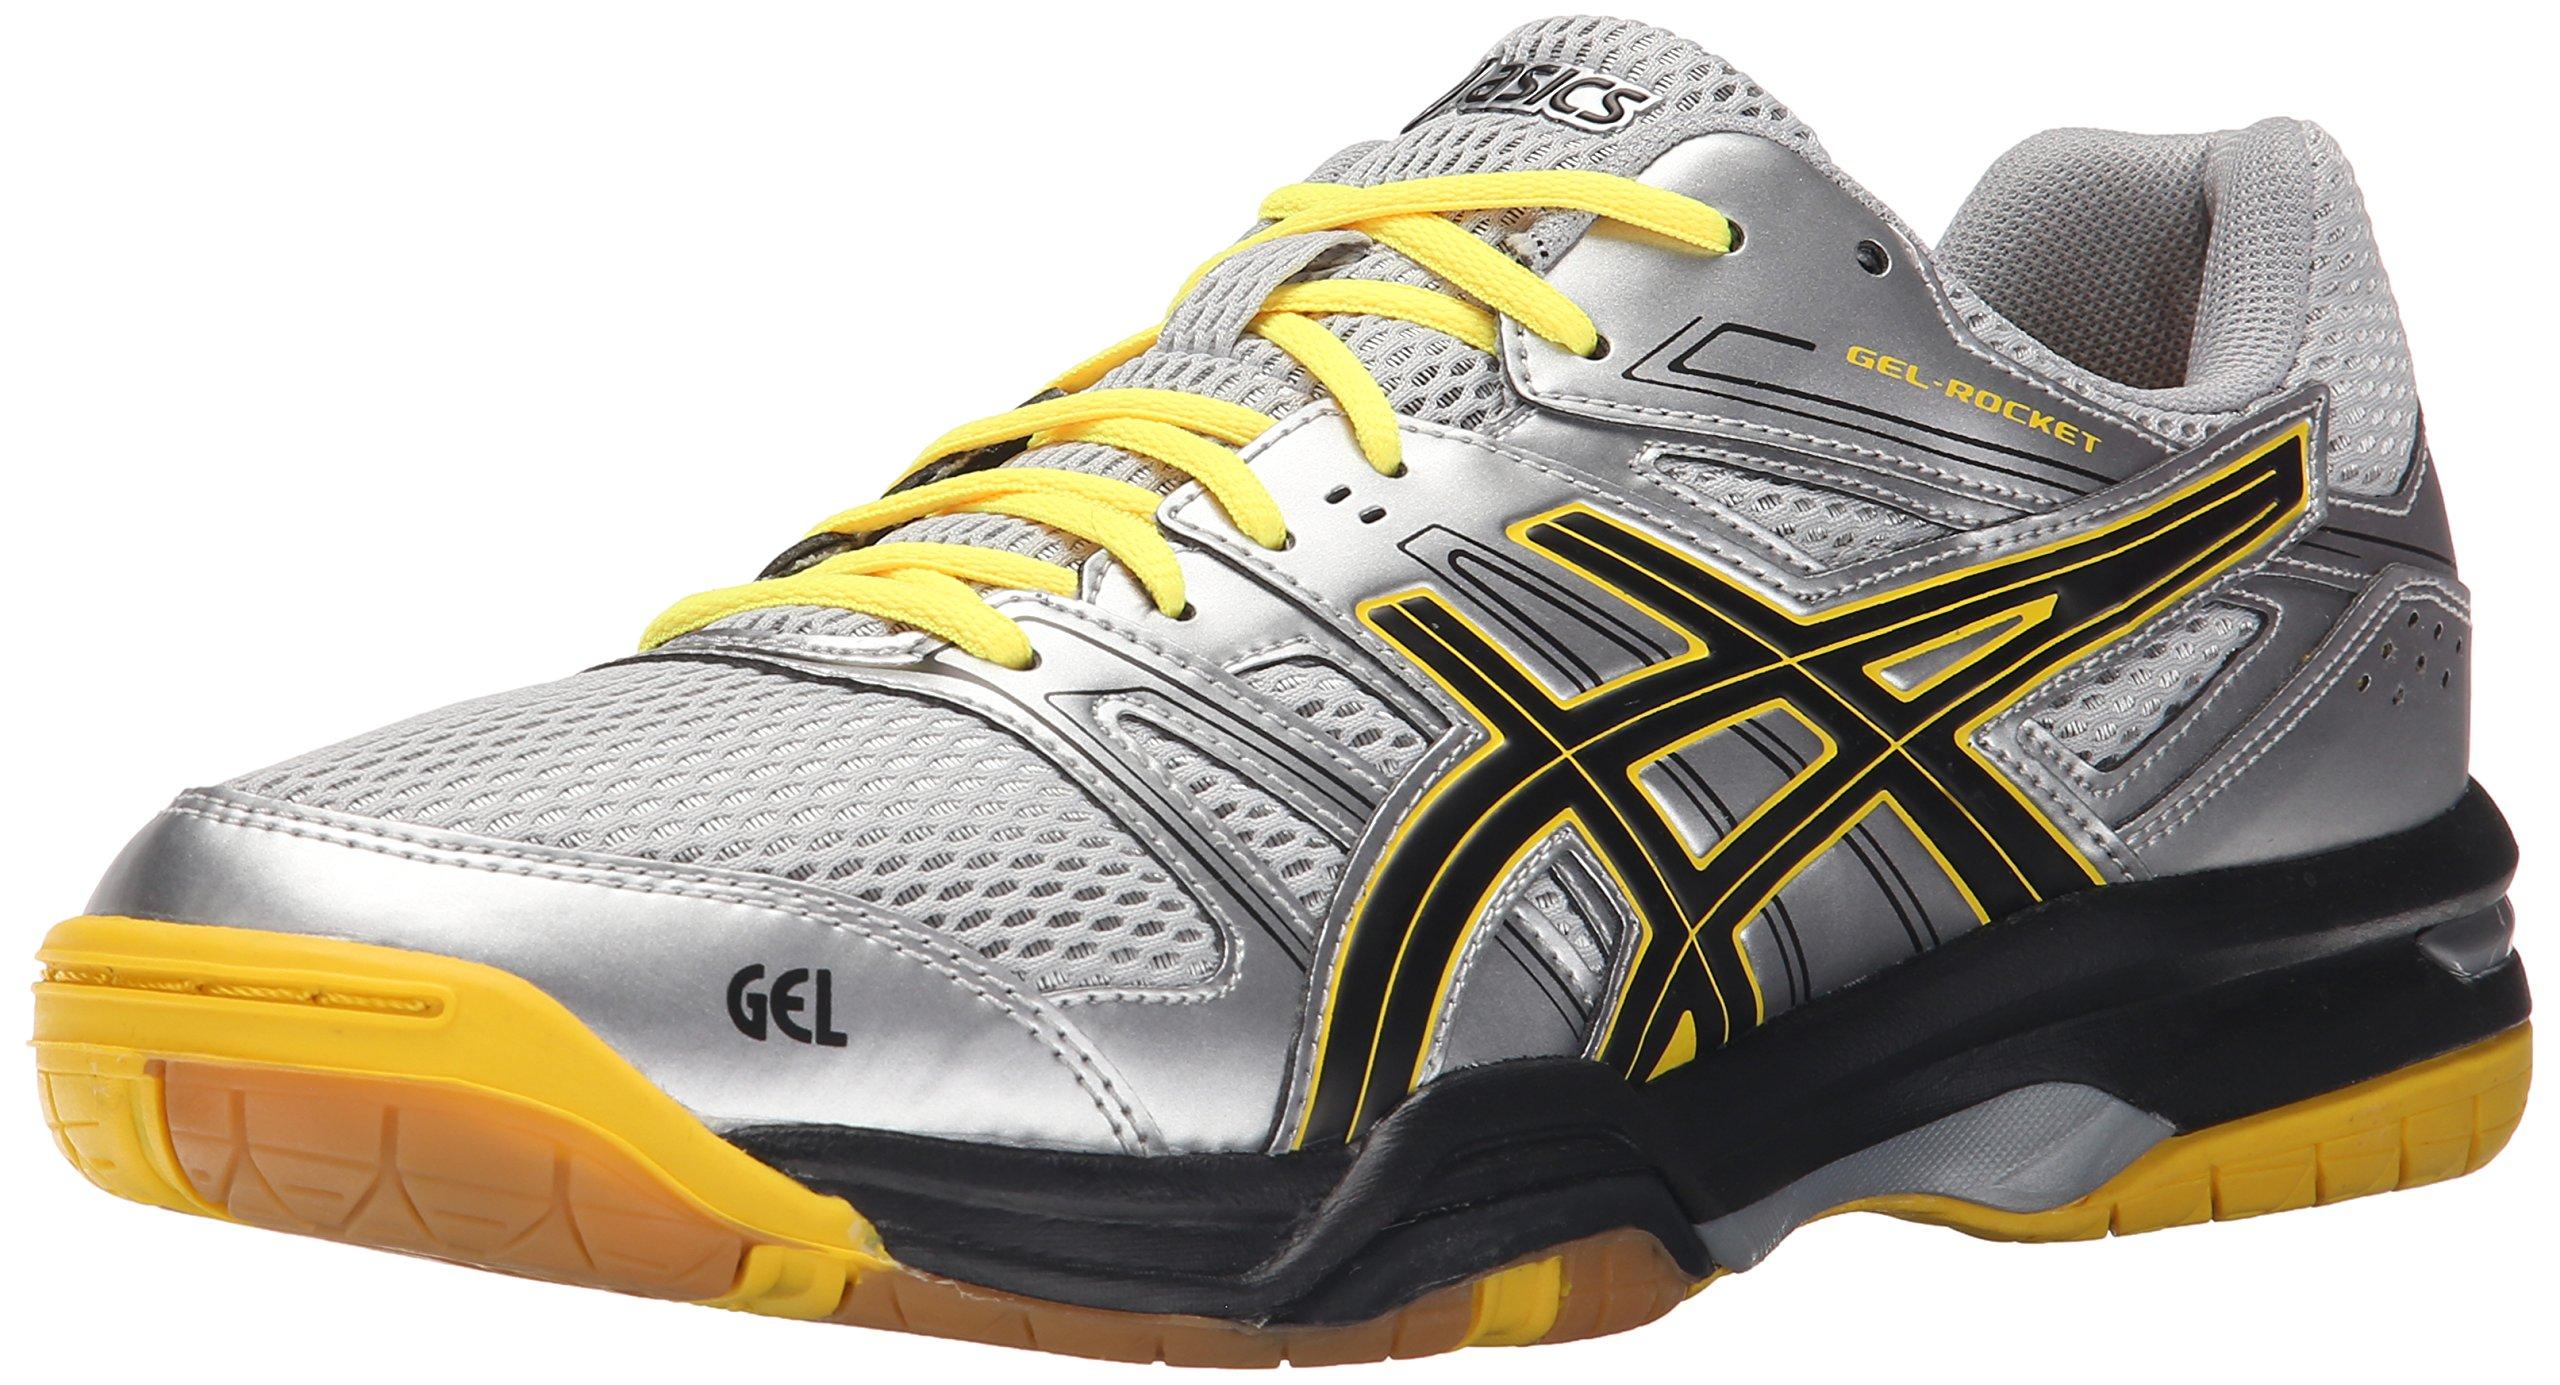 Asics Men's Gel-Rocket 7 Indoor Court Shoe, Silver/Onyx/Neon Yellow, 11 M US